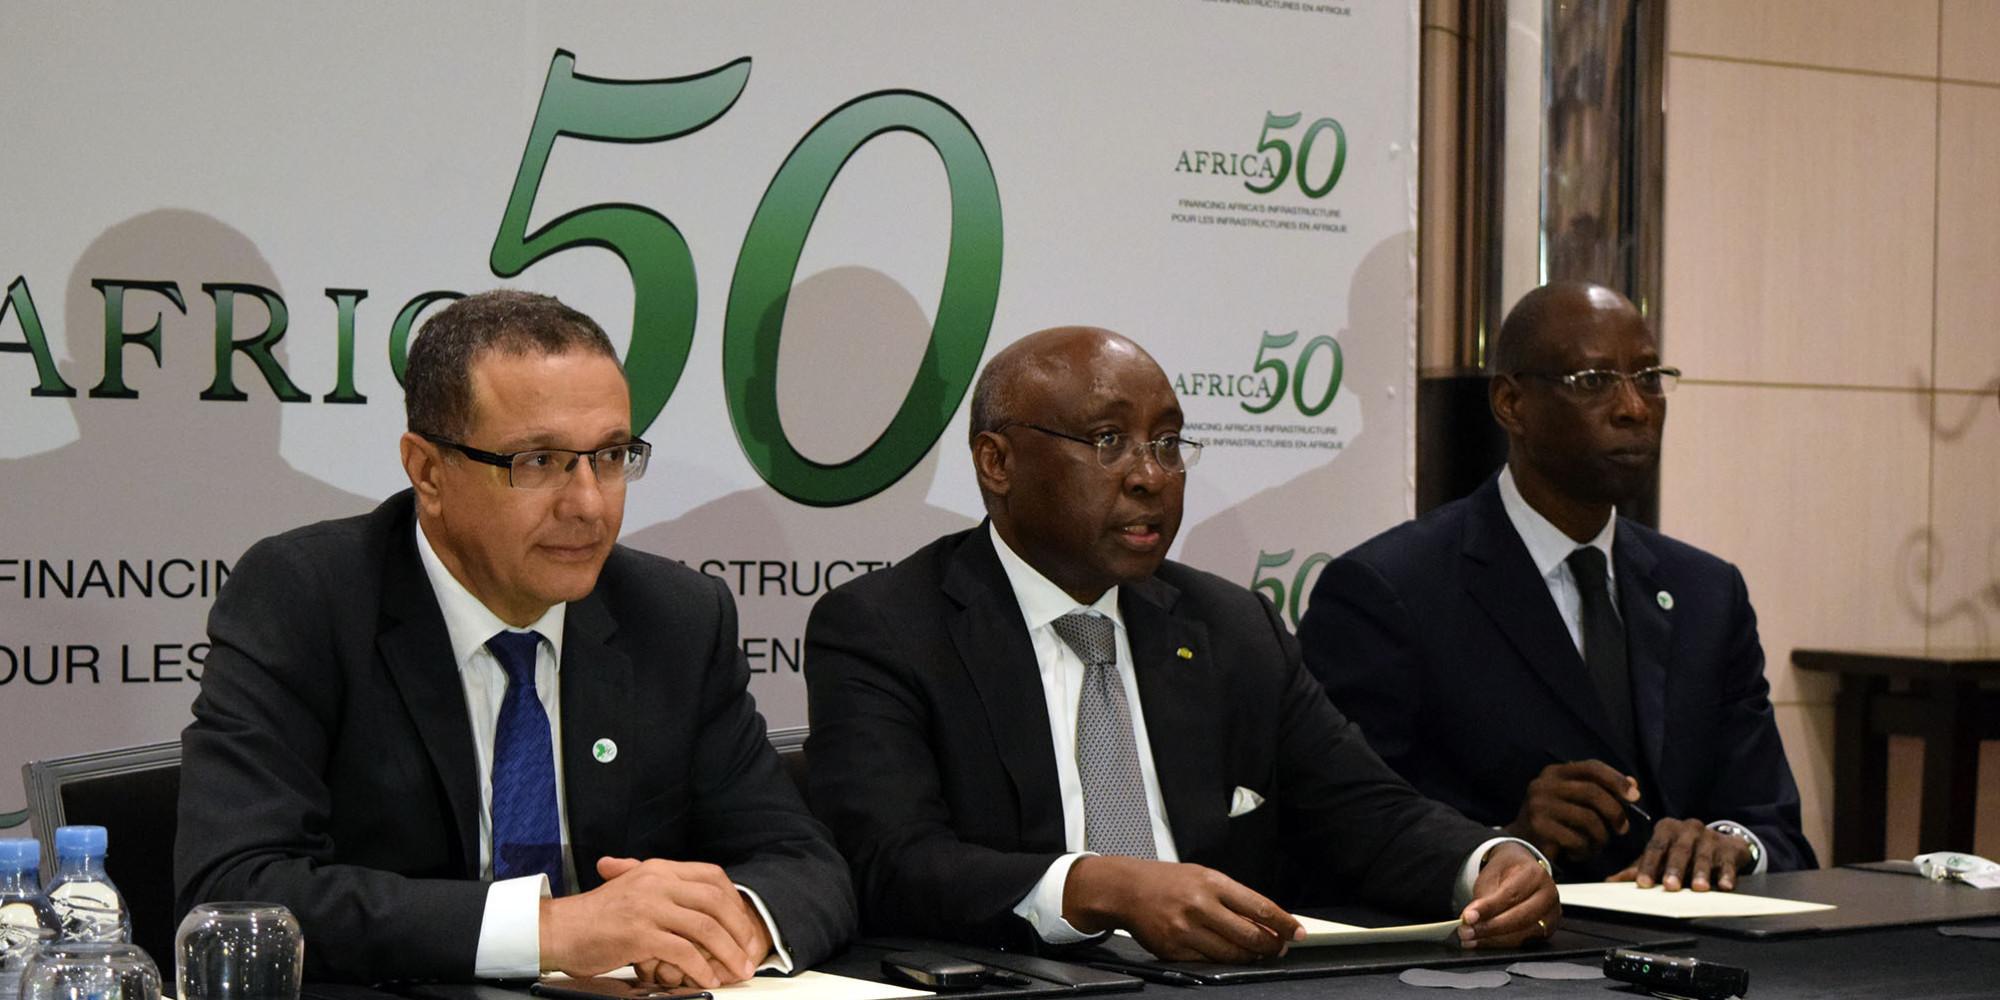 Africa 50: Le Kenya et la Bad plaident pour le développement et le financement des infrastructures bancables